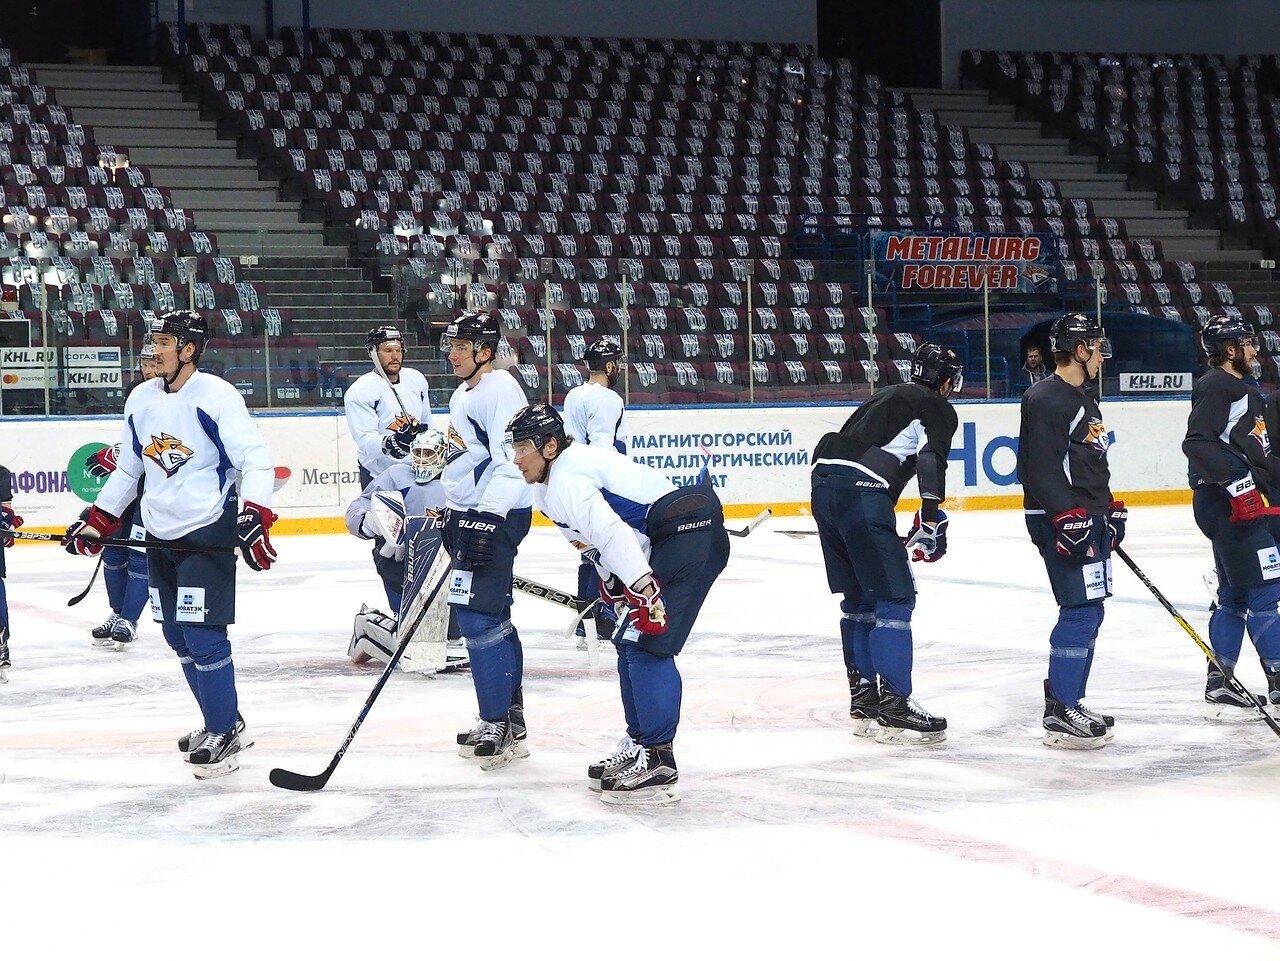 18 Открытая тренировка перед финалом плей-офф КХЛ 2017 06.04.2017